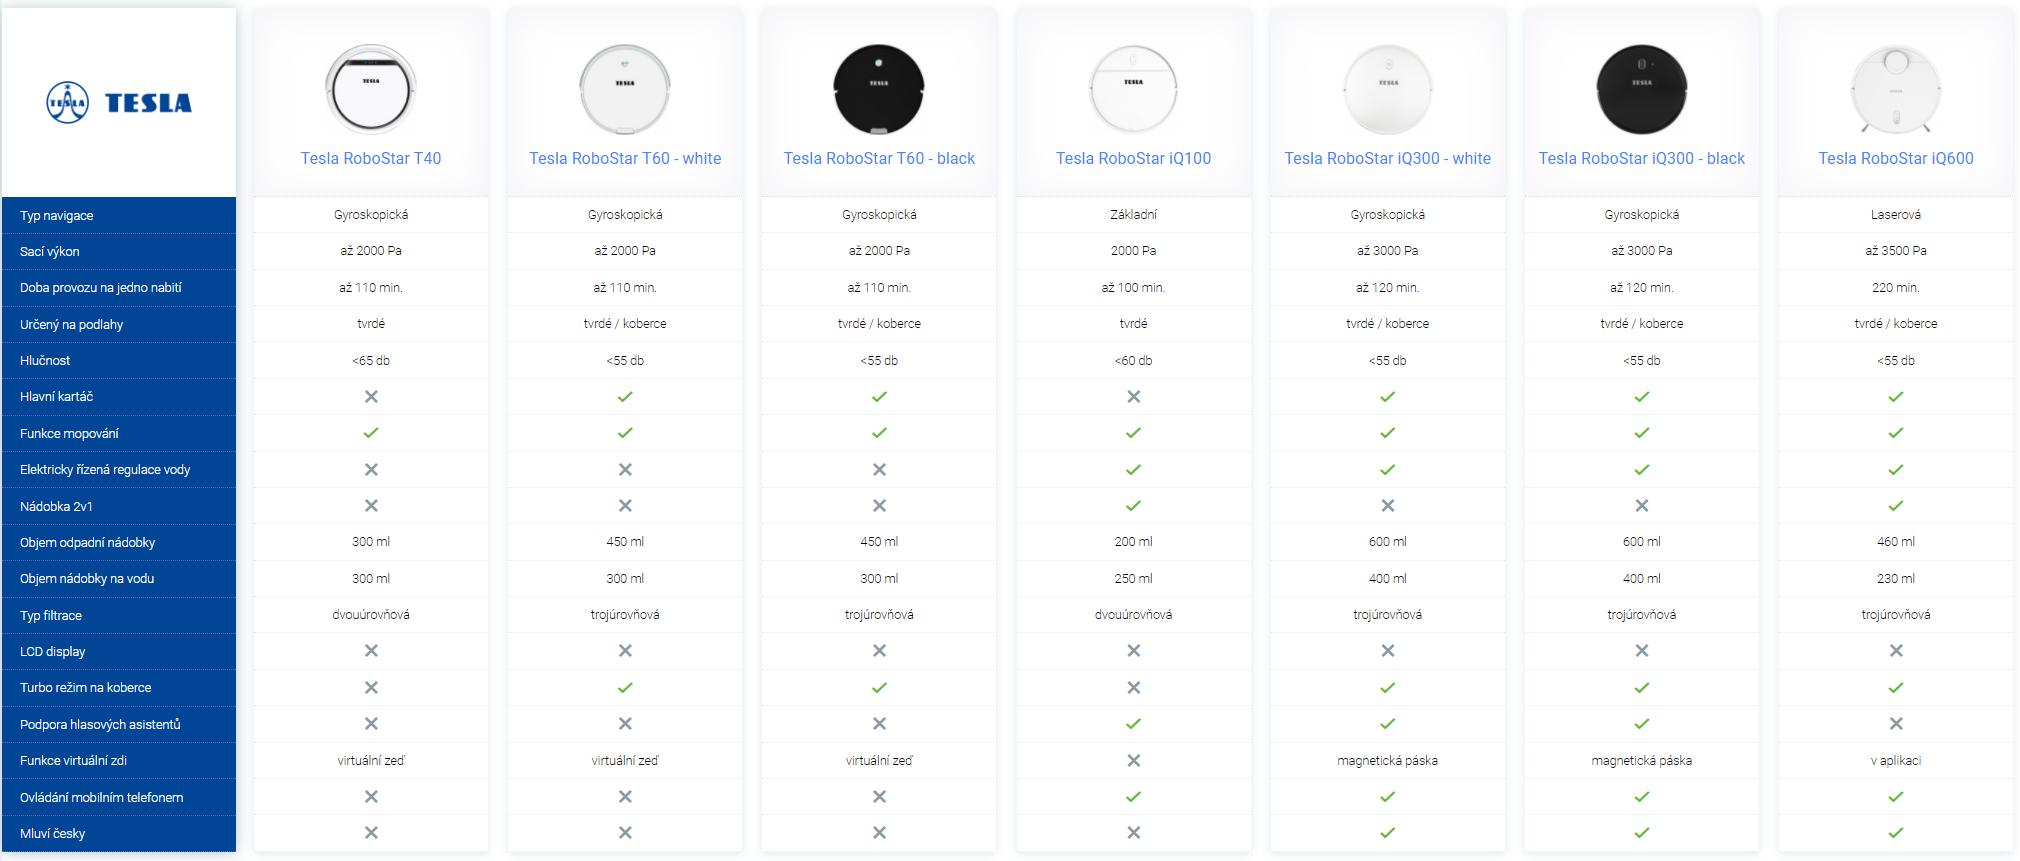 srovnání modelů Tesla RoboStar